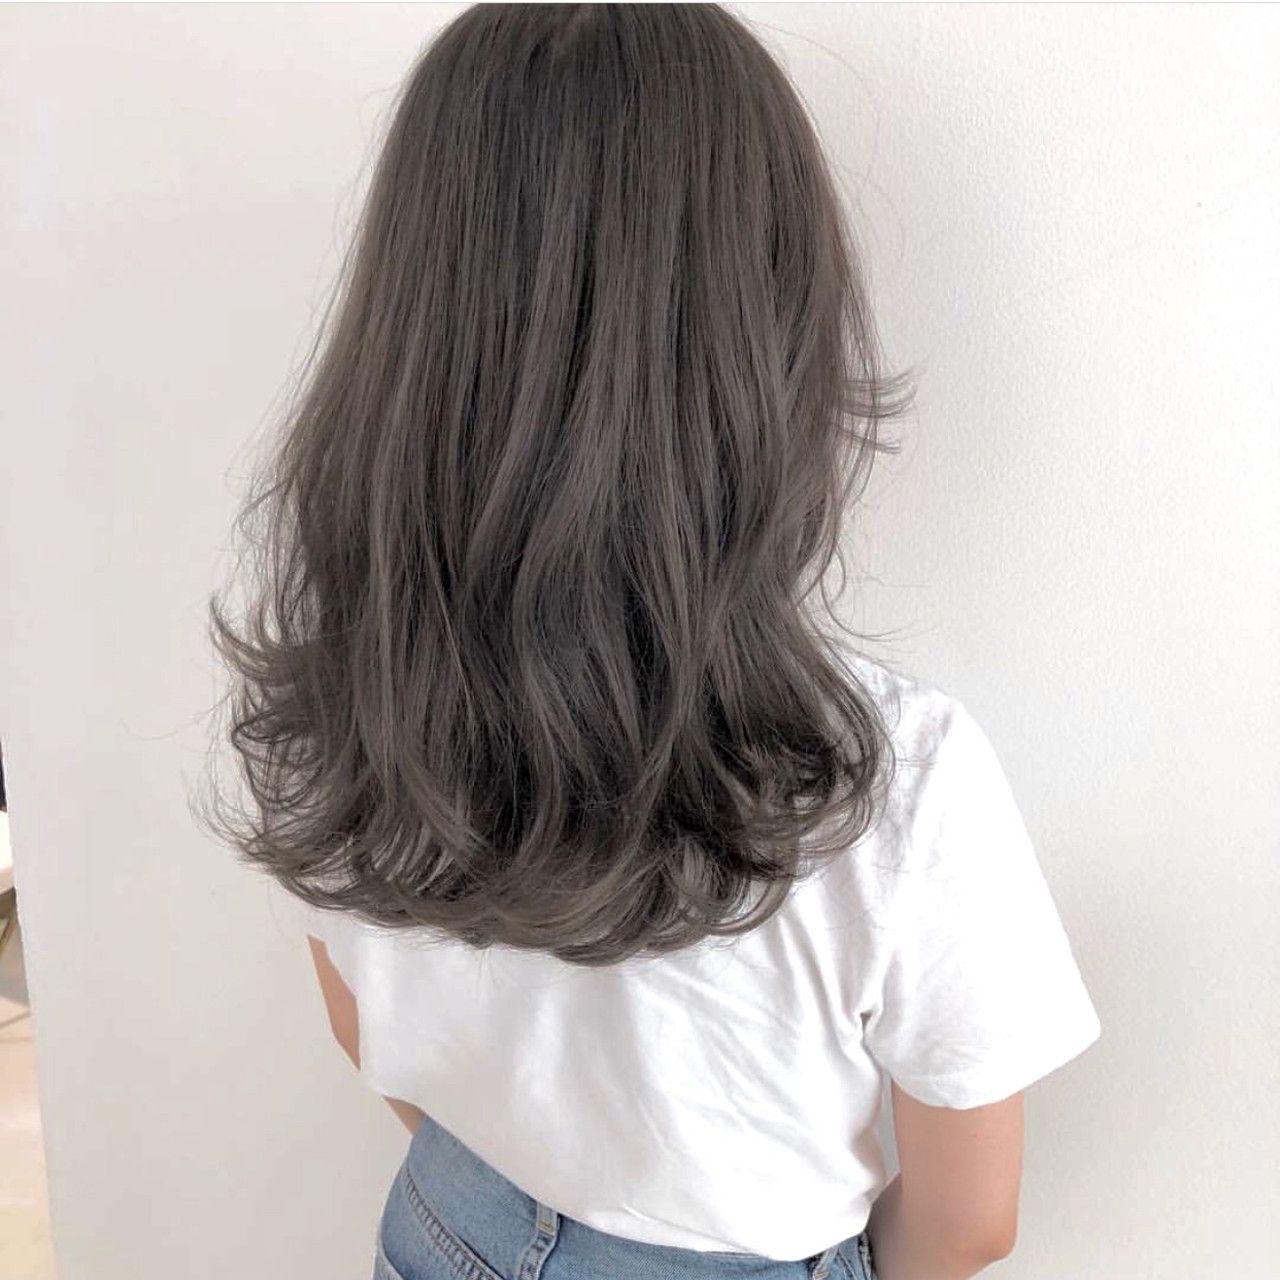 グレー系髪色がおしゃれ女子注目の的 暗め 明るめの人気スタイルをご紹介 Hair 髪色 暗め ヘアカラー 暗め 髪 色